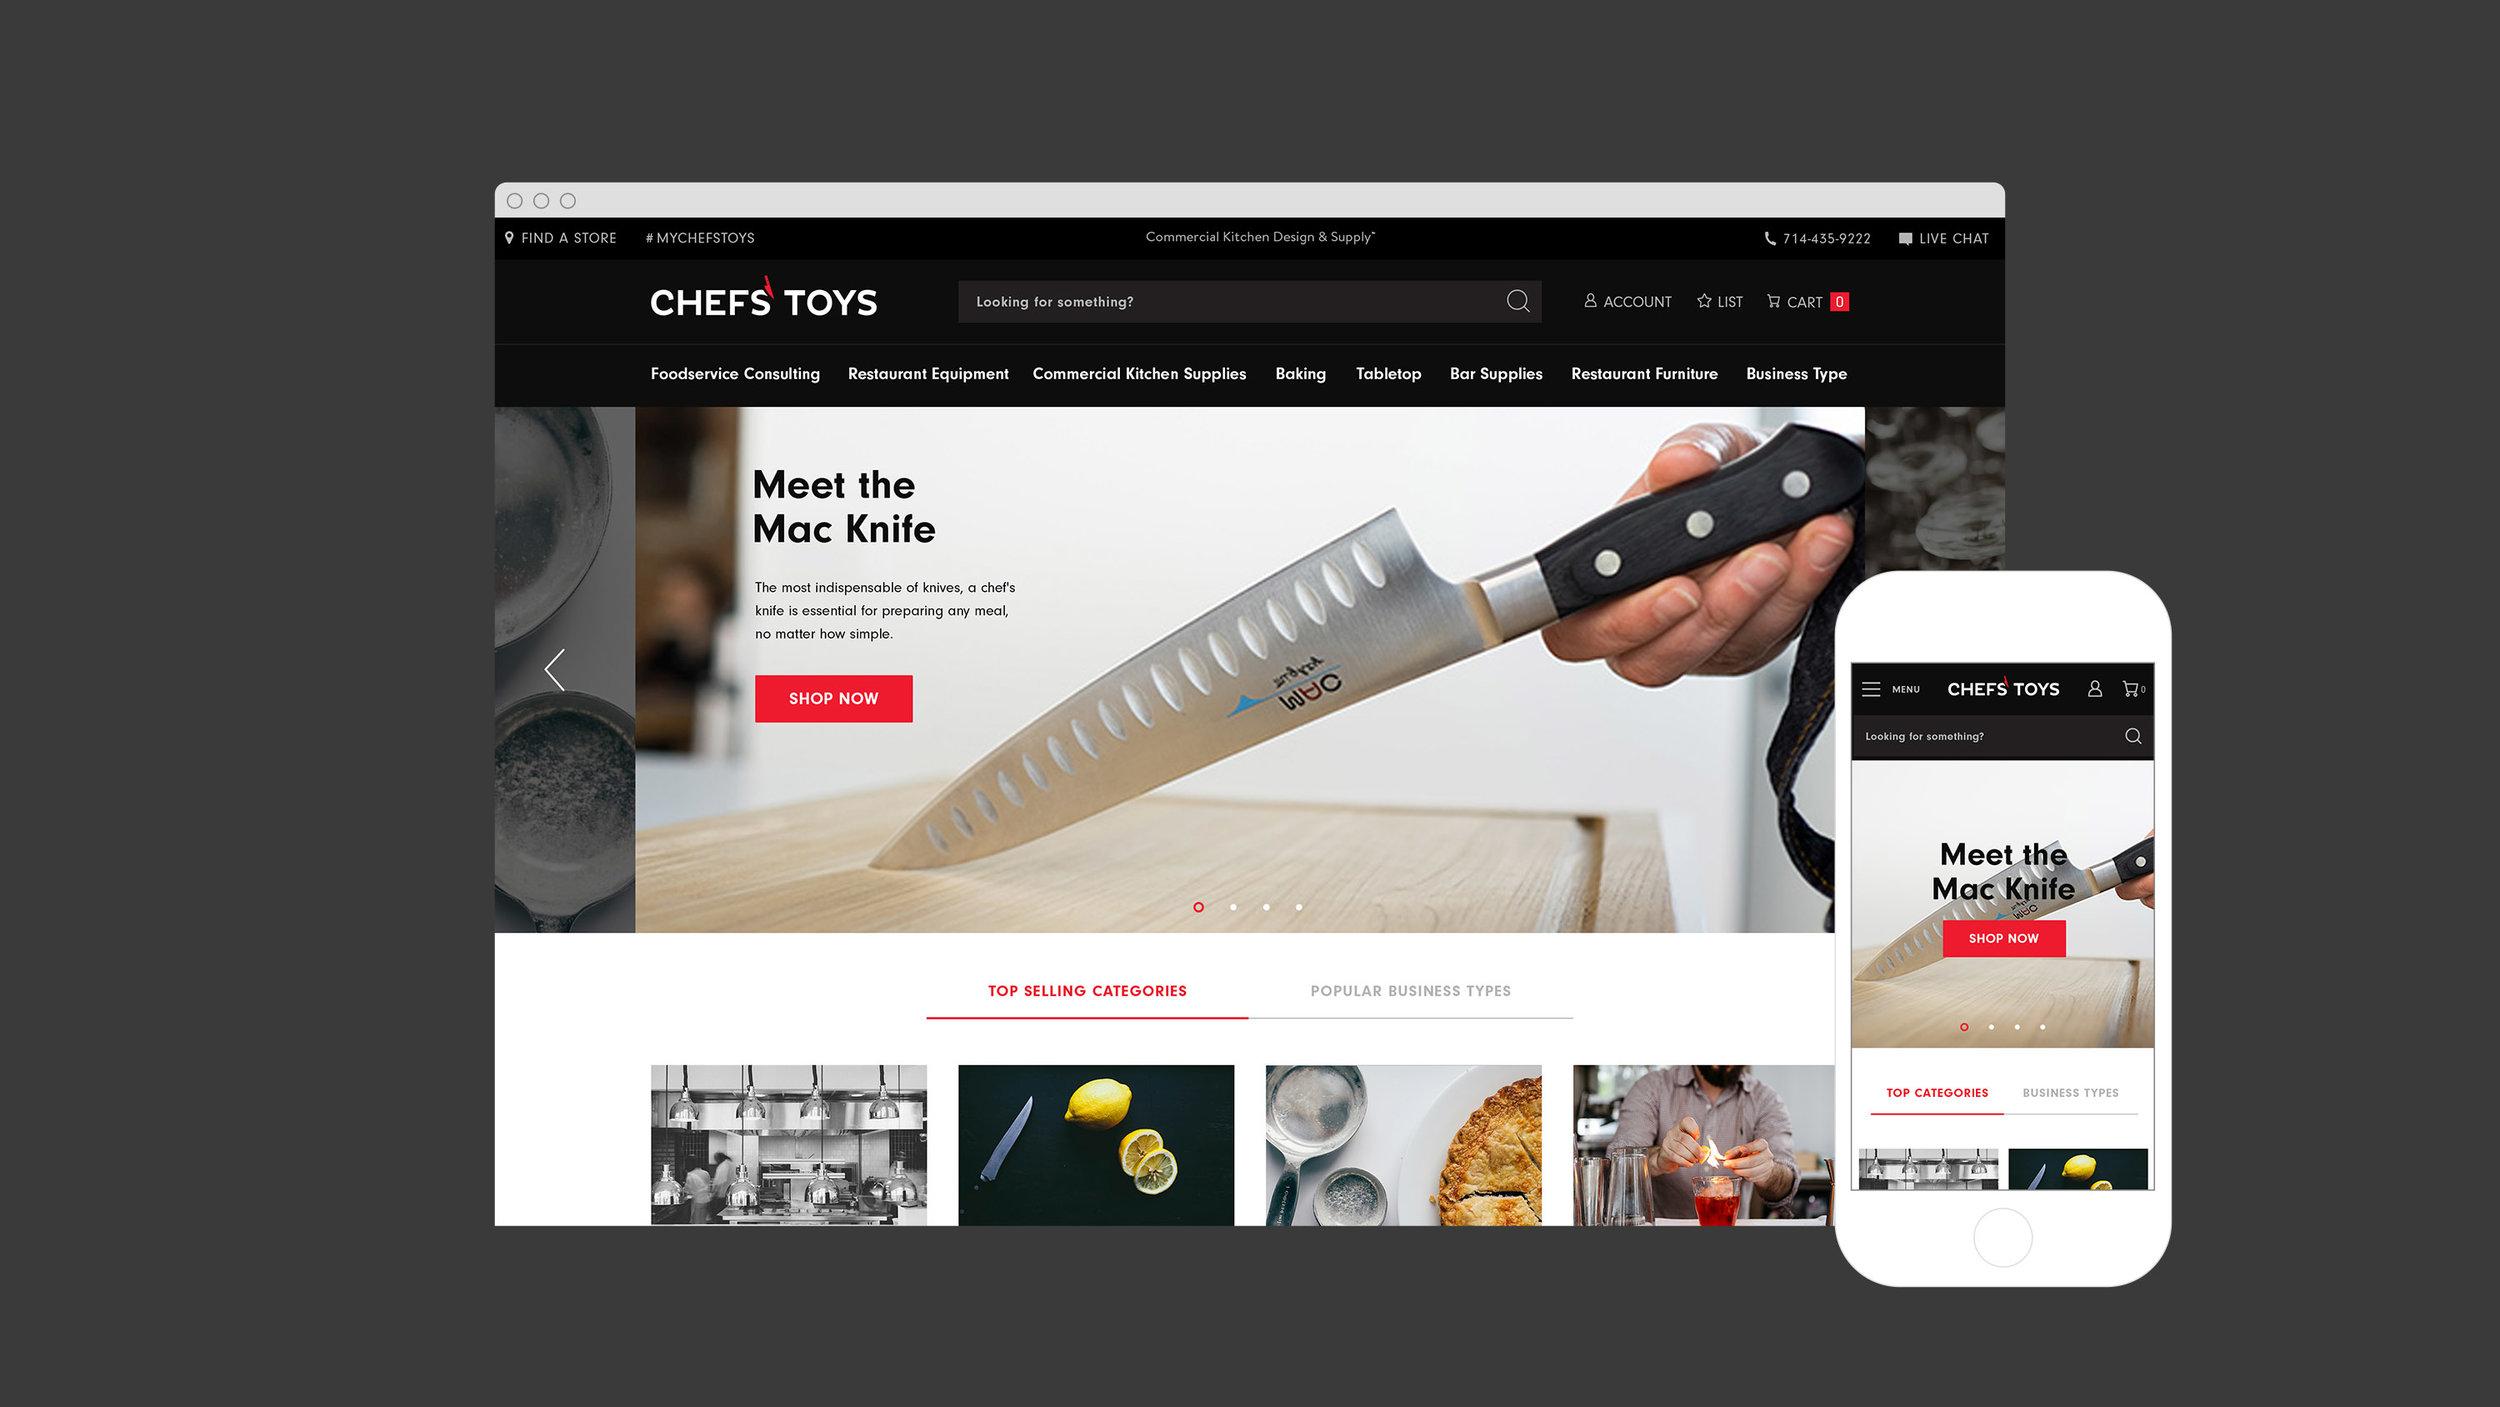 2_cs-chefstoys-responsive.jpg